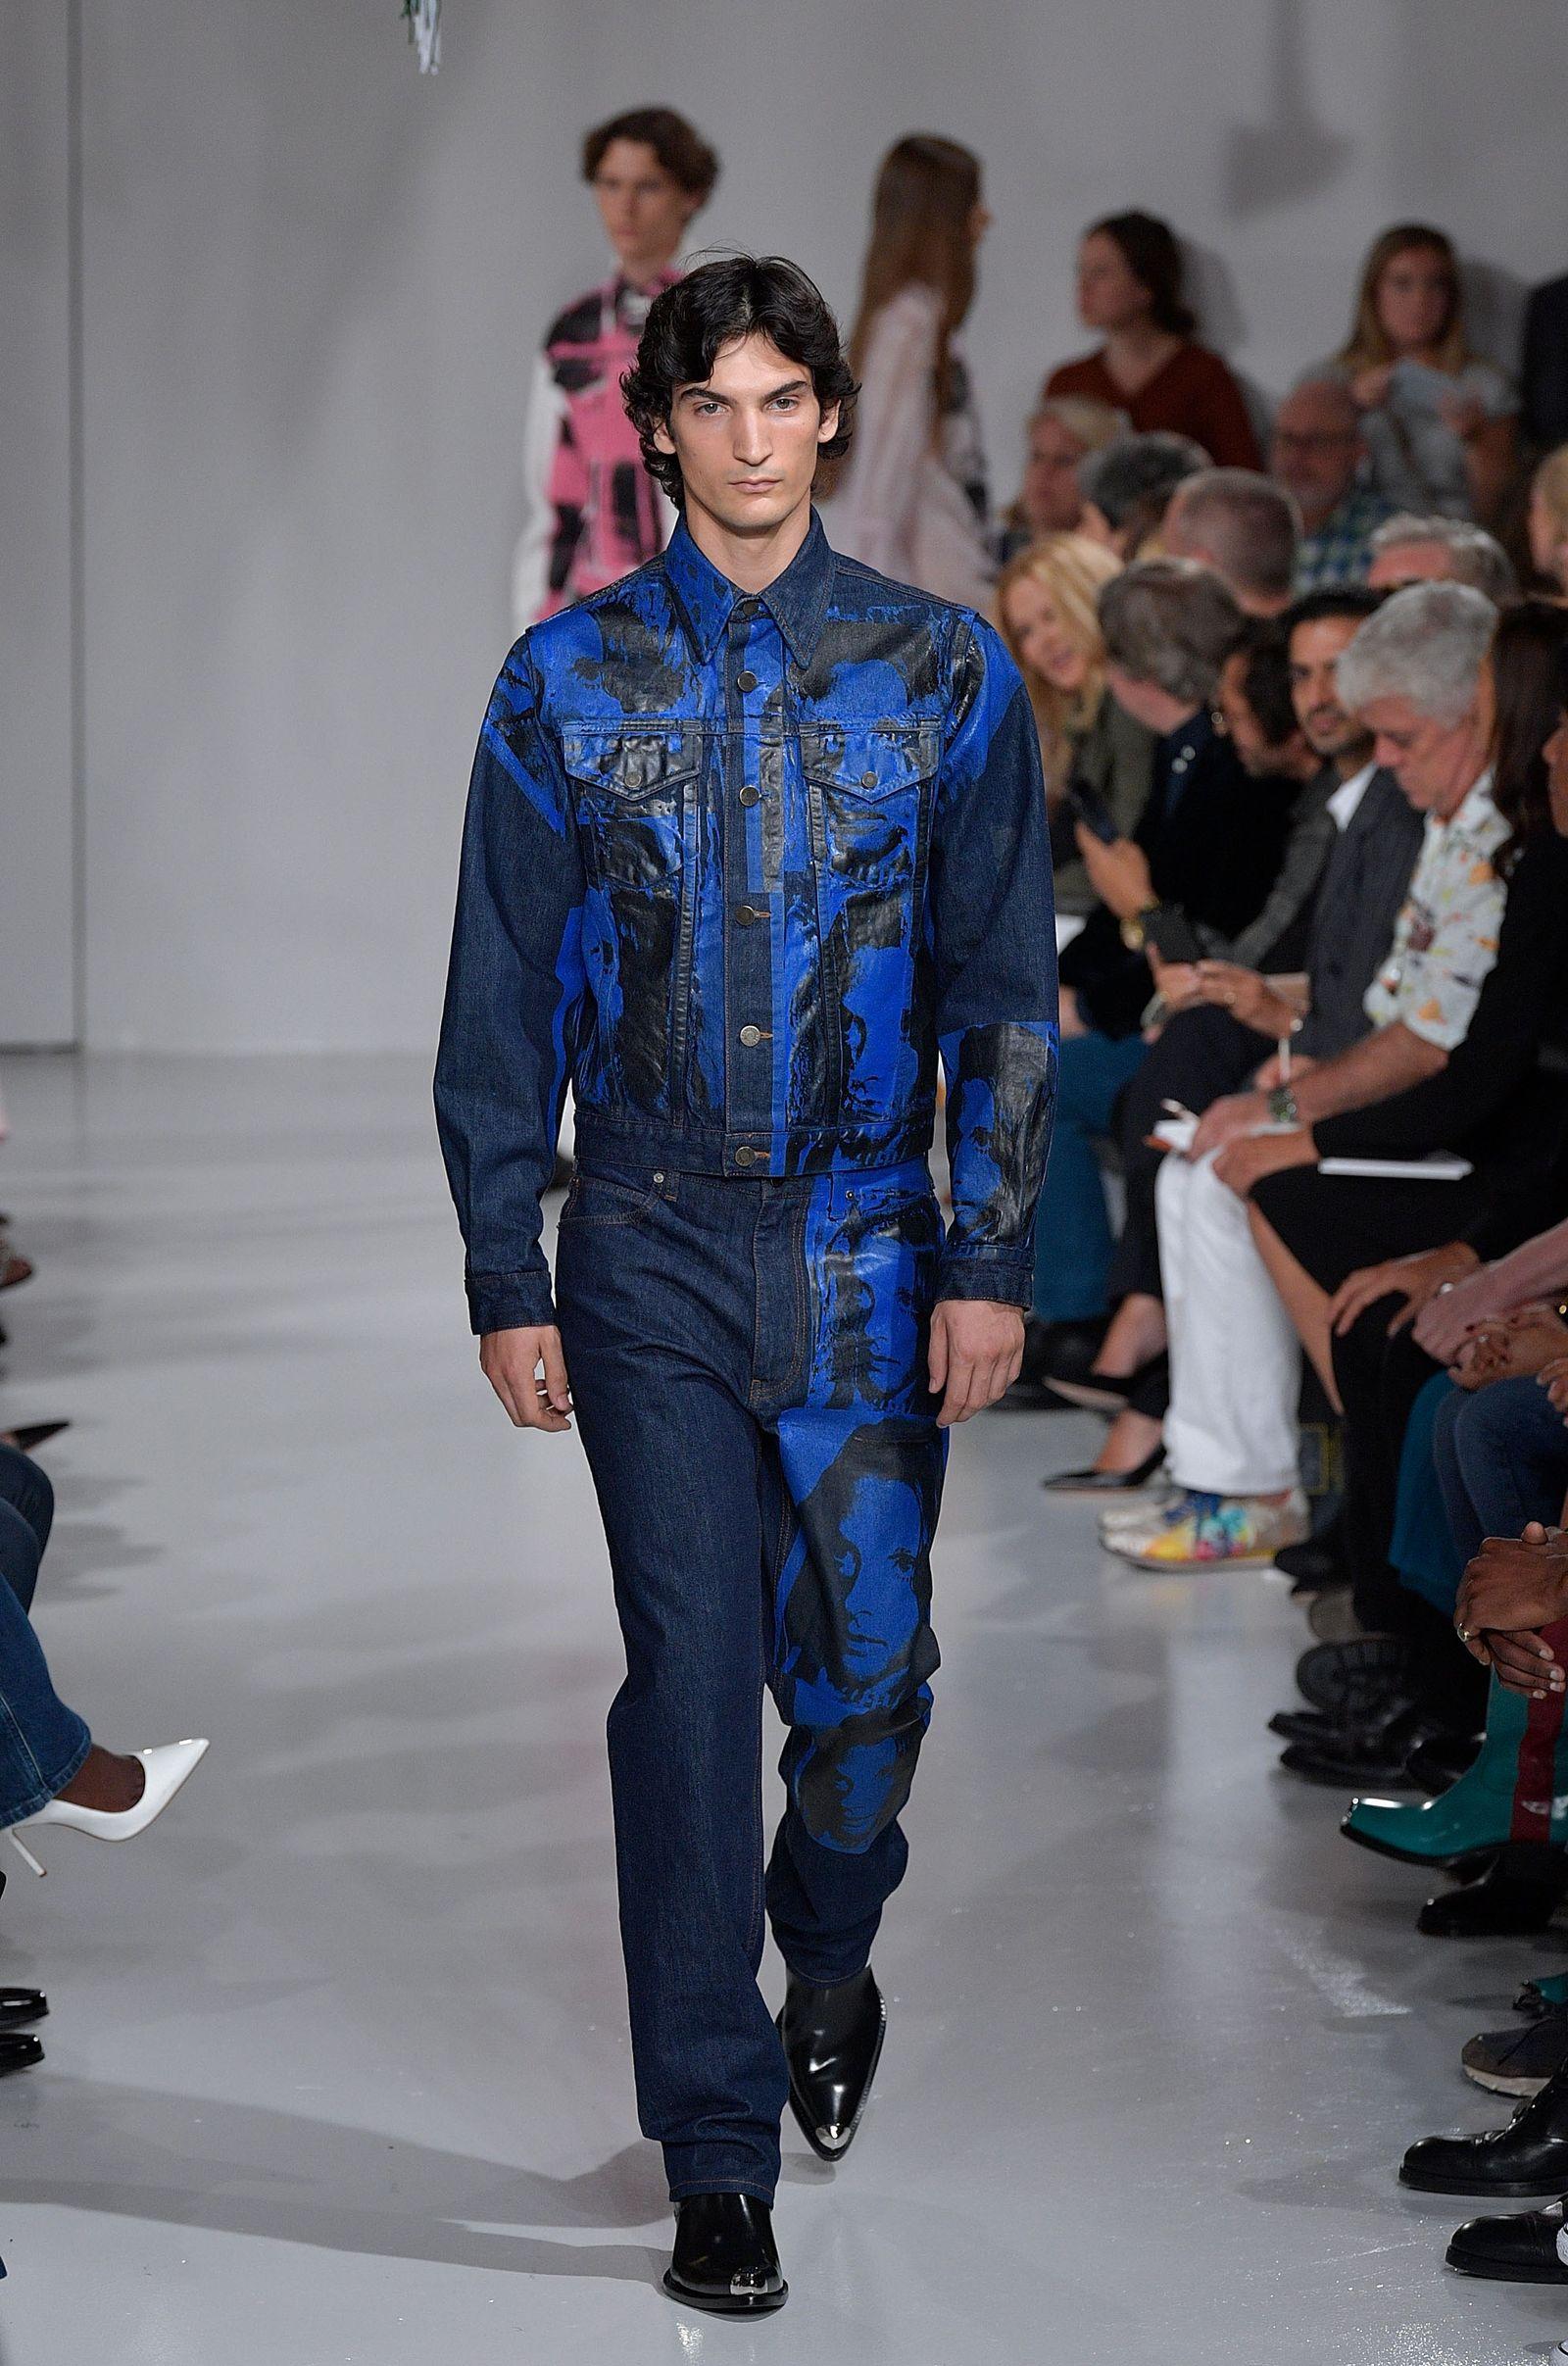 Calvin Klein Collection Runway September 2017 New York Fashion Week Cowboy Luke Sabbat Raf Simons